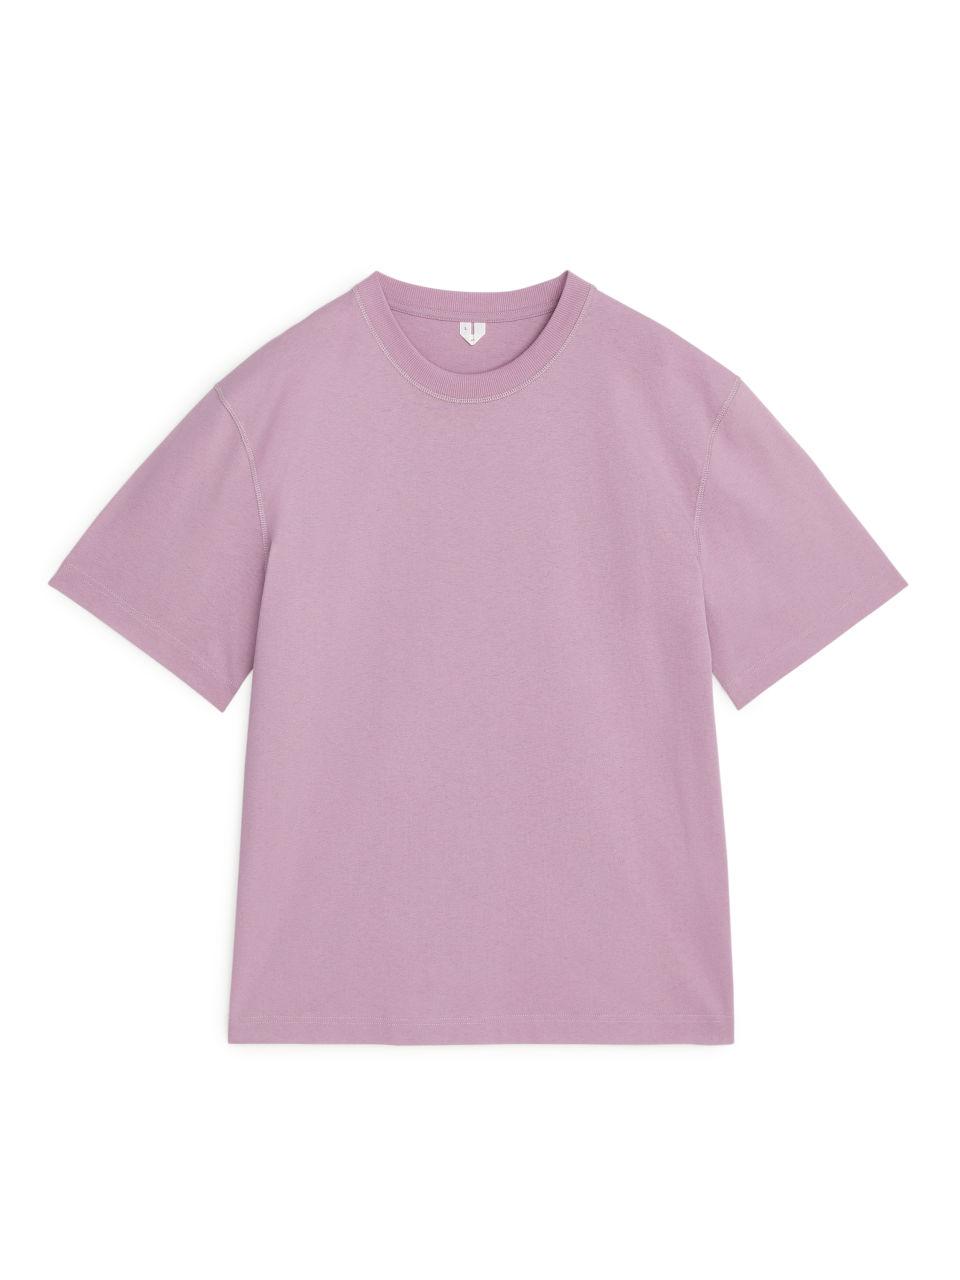 Natural Dye Oversized T-shirt - Purple